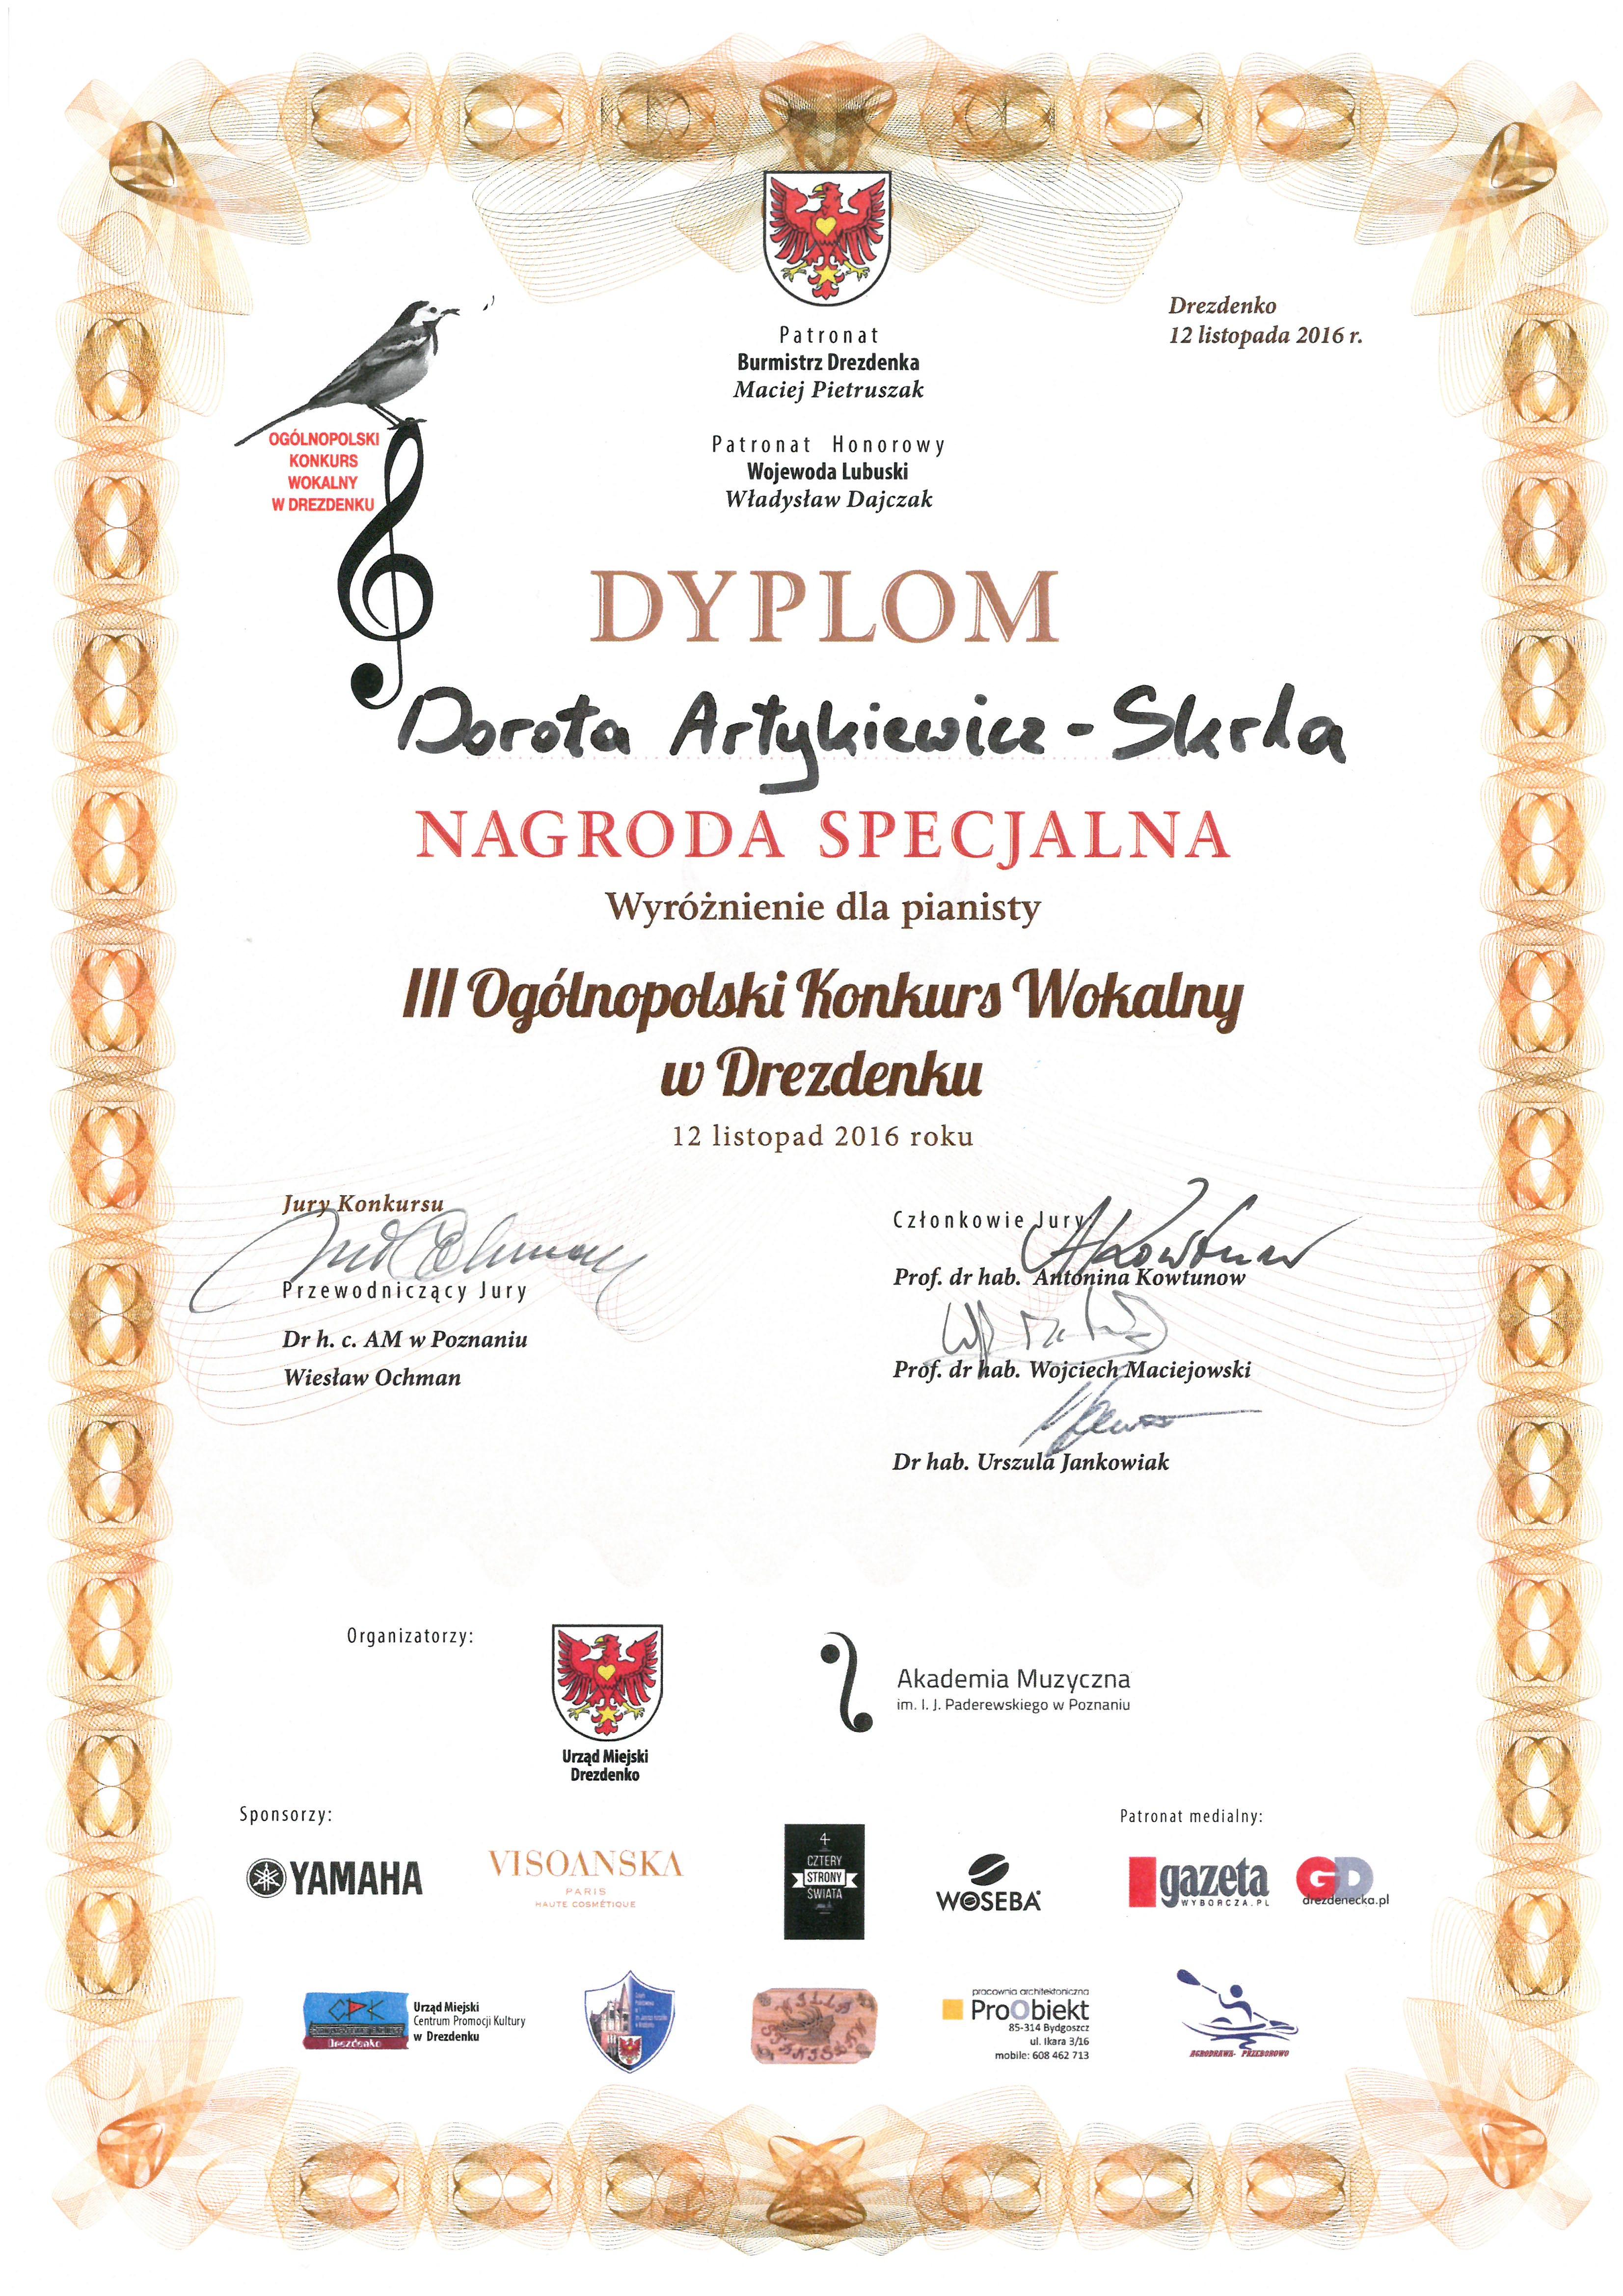 dorota_artykiewicz-skrla_wyr_dla_pianisty_2016_dypl